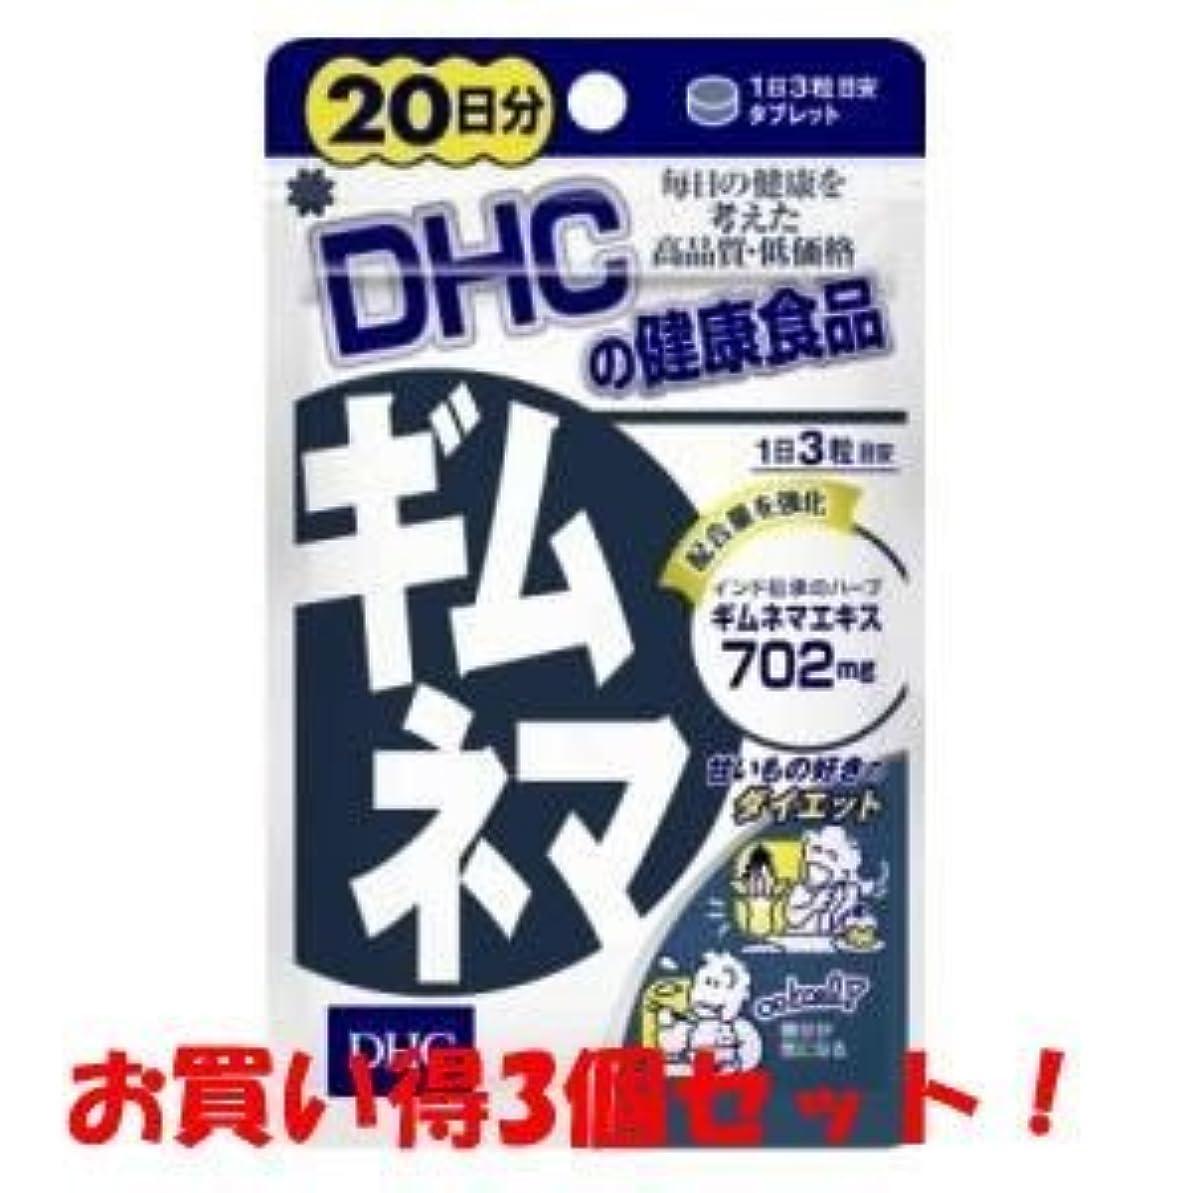 請求書野望気絶させるDHC ギムネマ 20日分 60粒(お買い得3個セット)